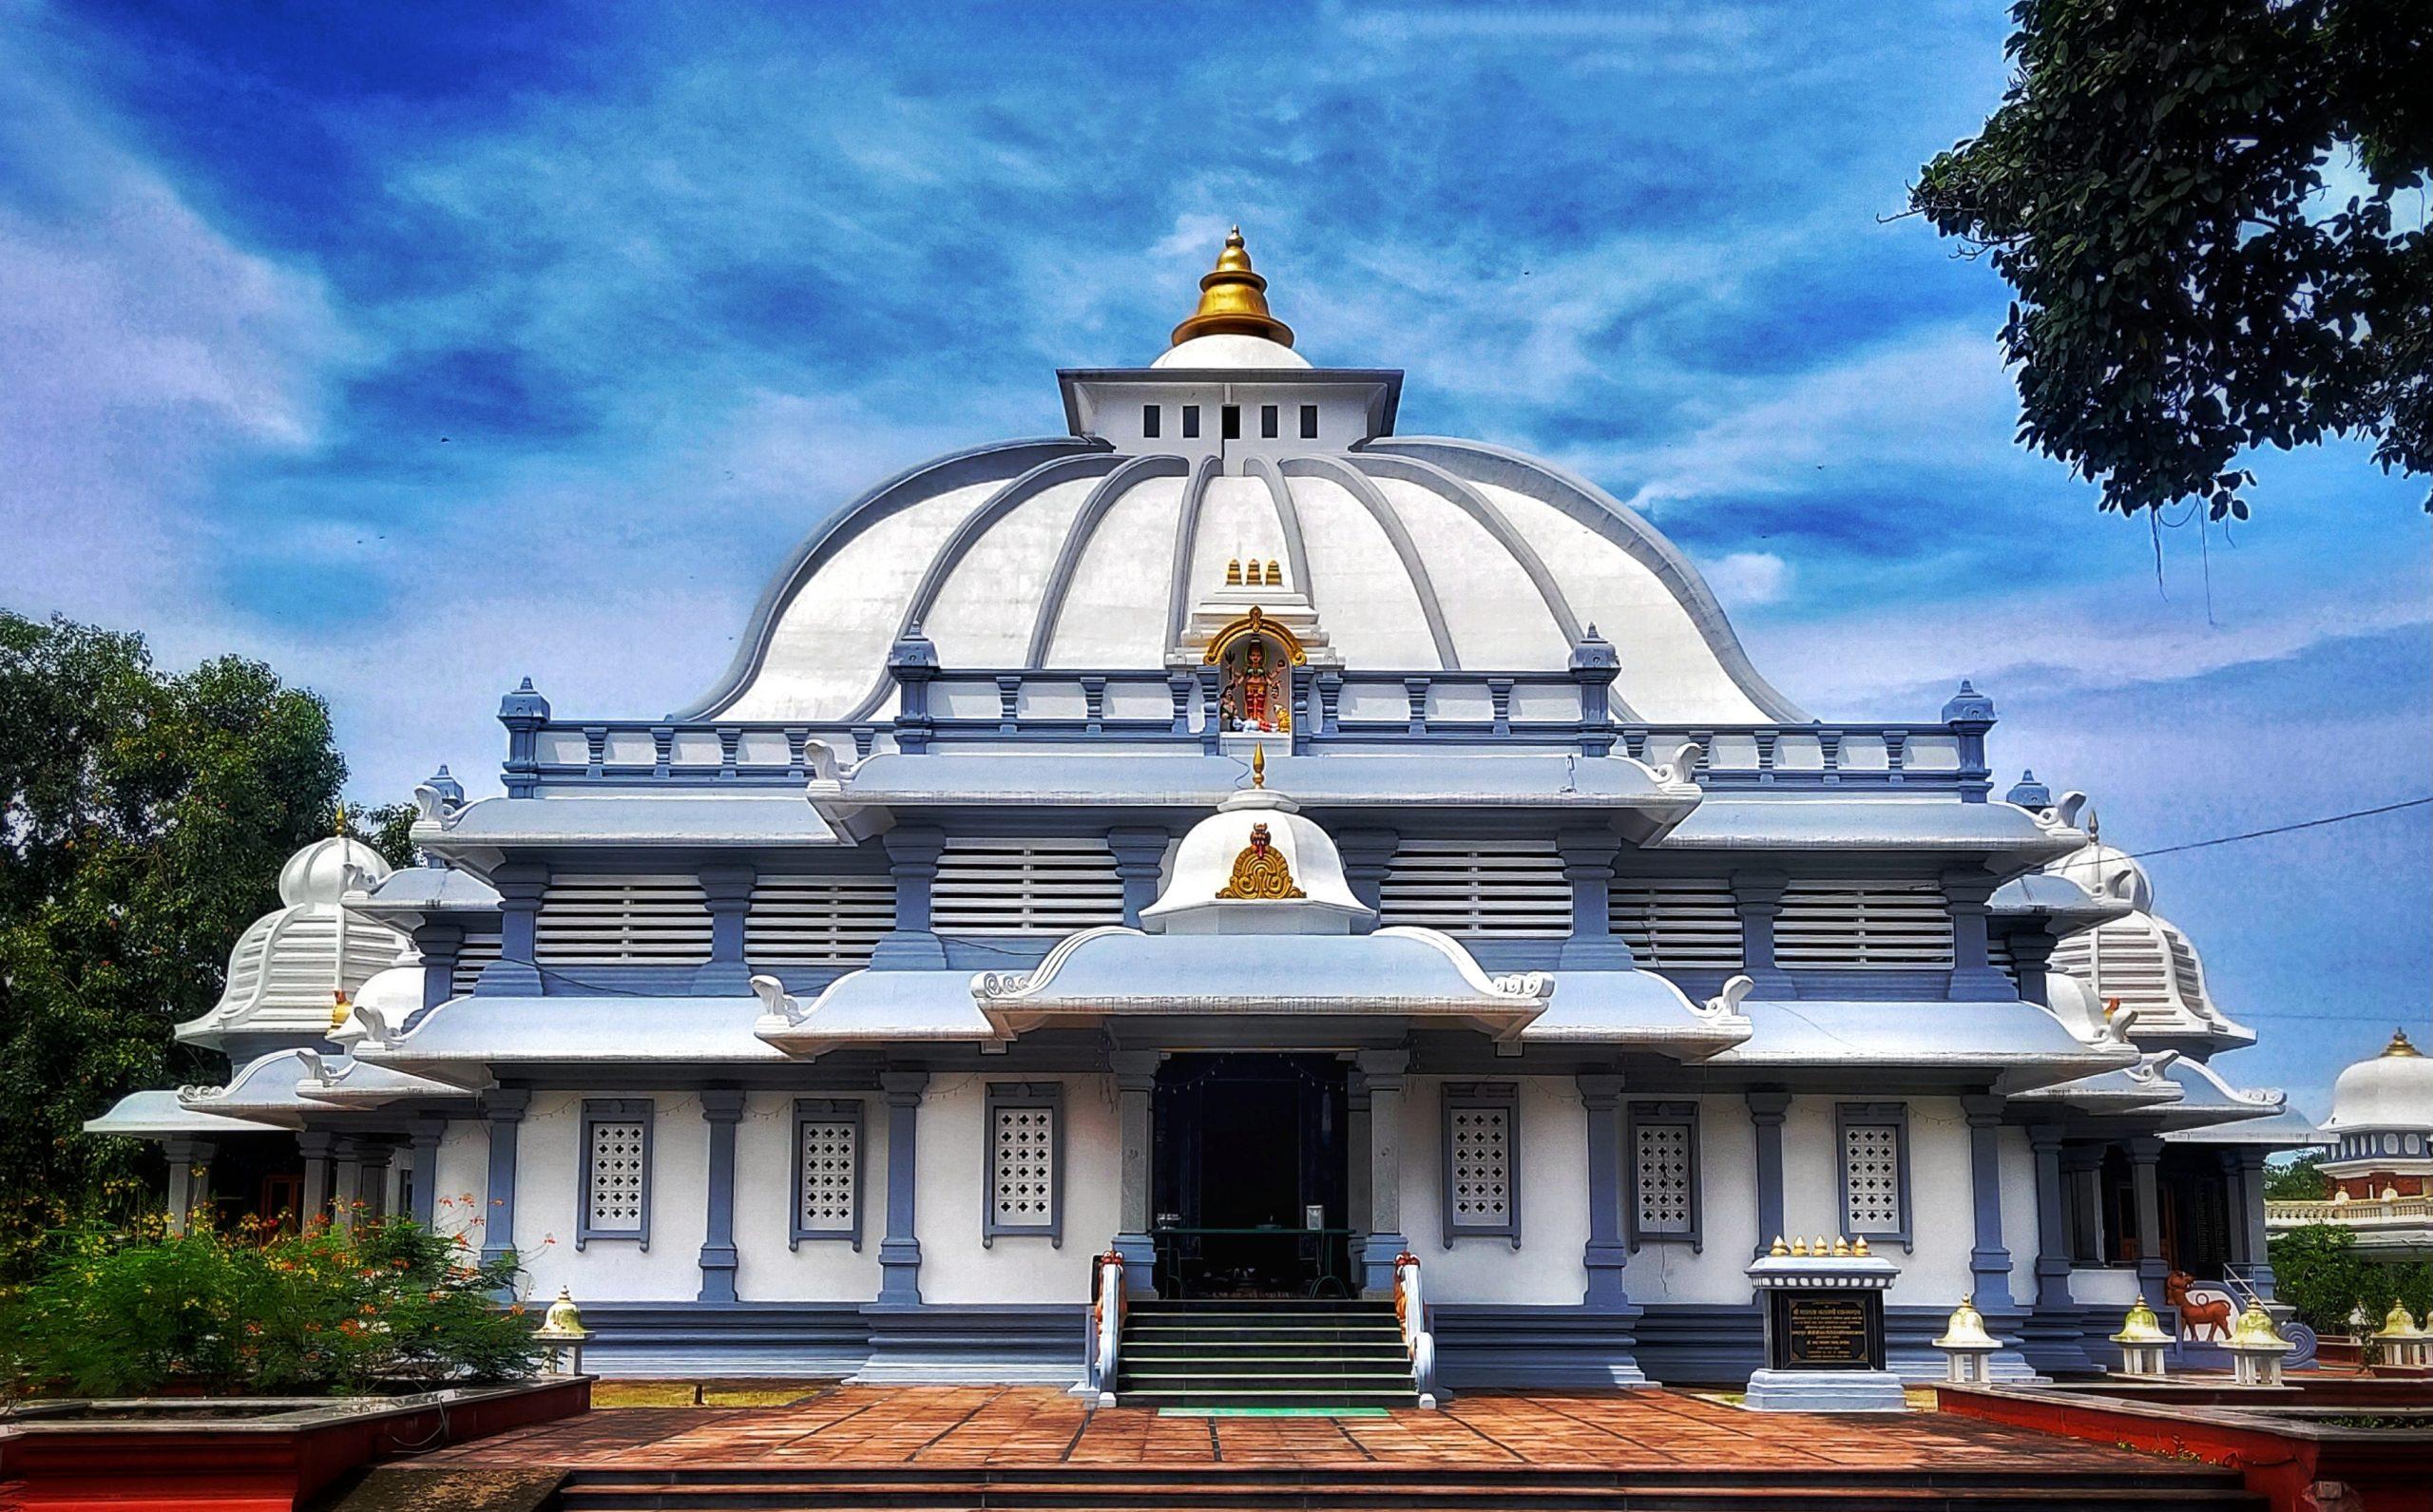 Shri Mhalsa Devi Temple